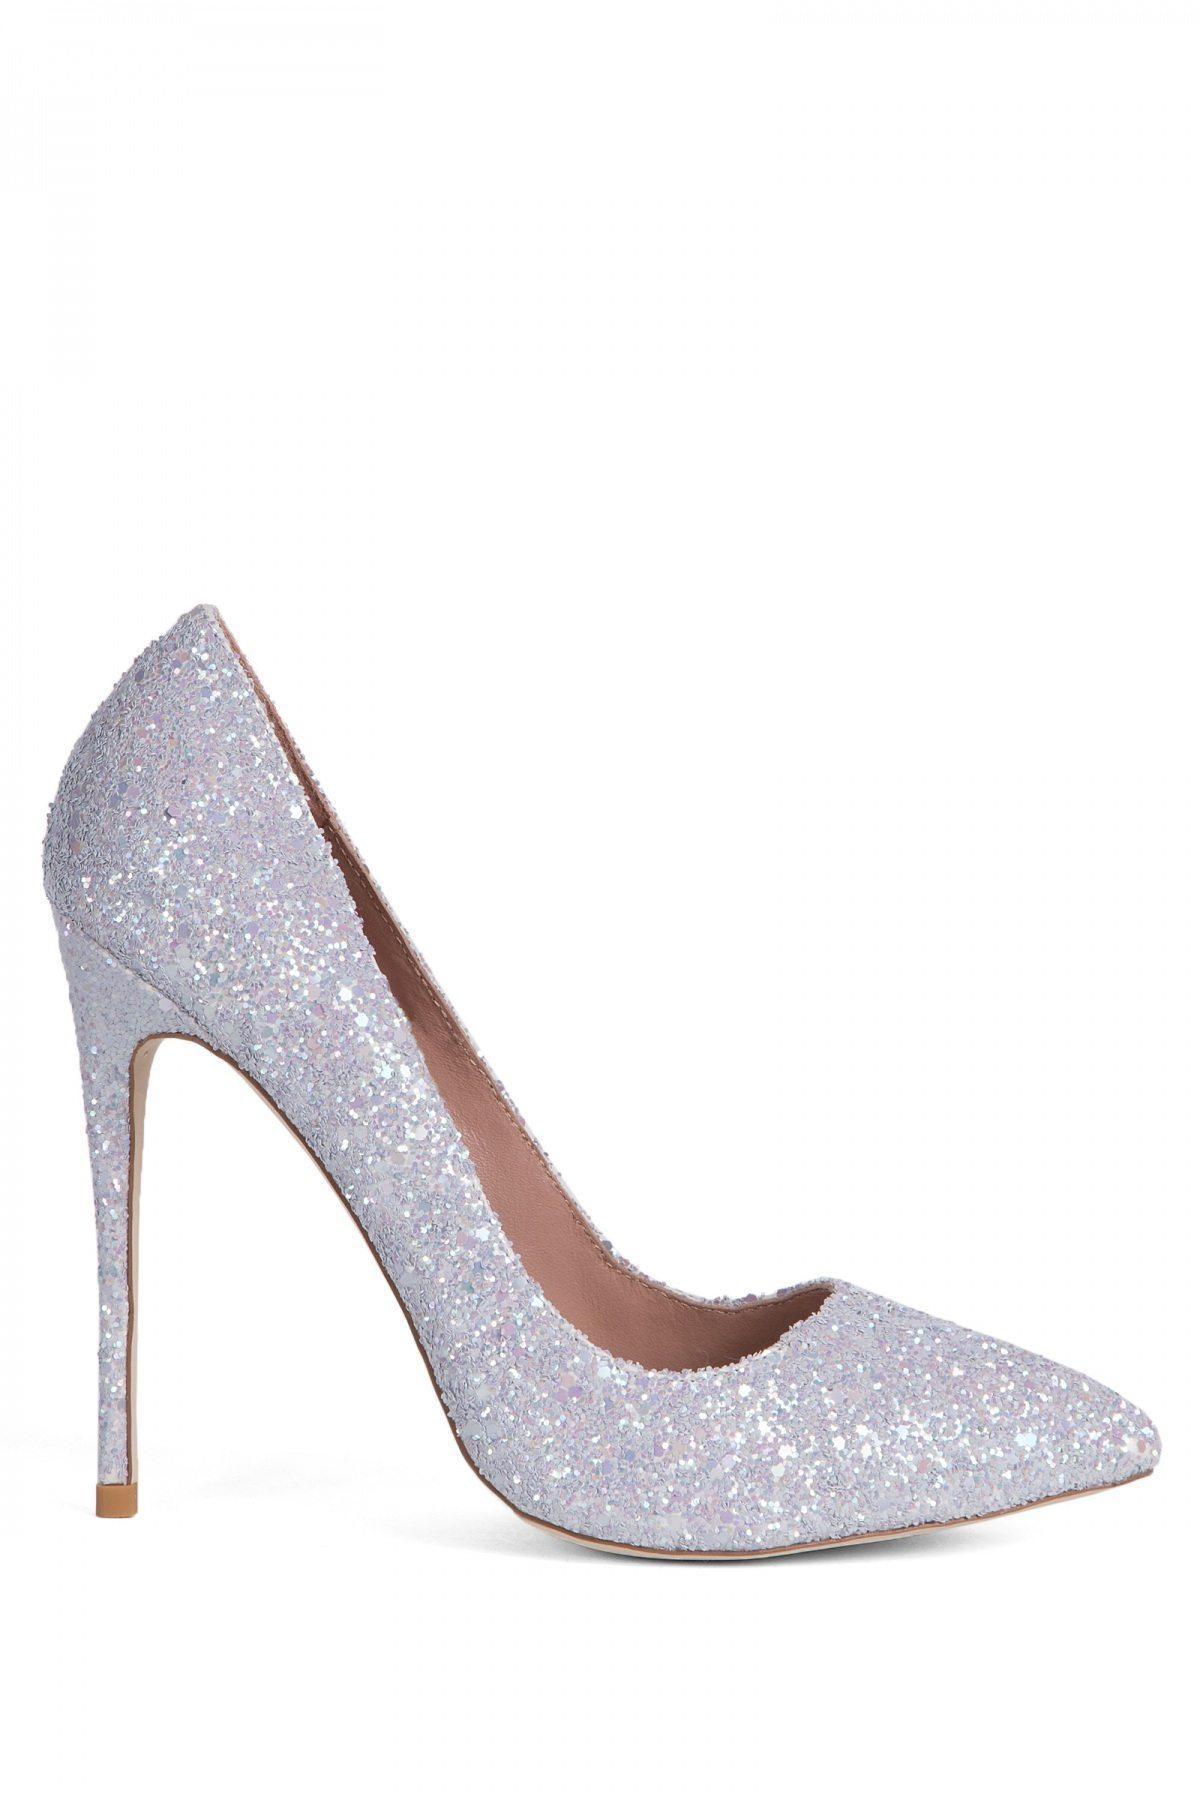 Pantofi cu gliter argintiu Gri